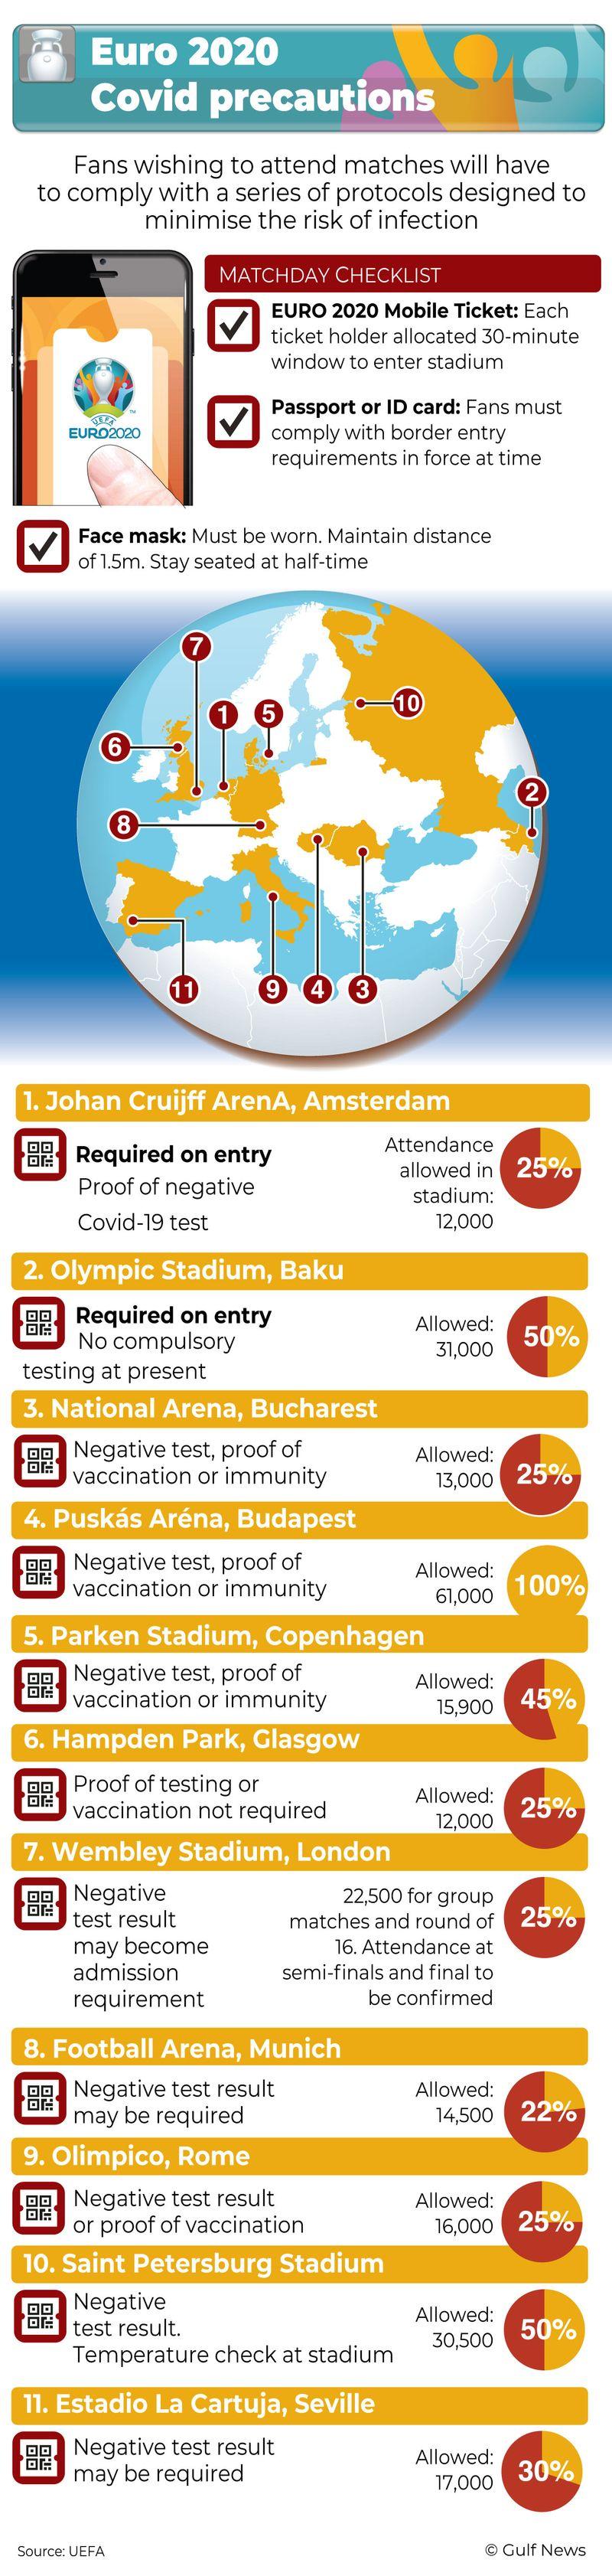 Euro 2020 COVID-19 precautions